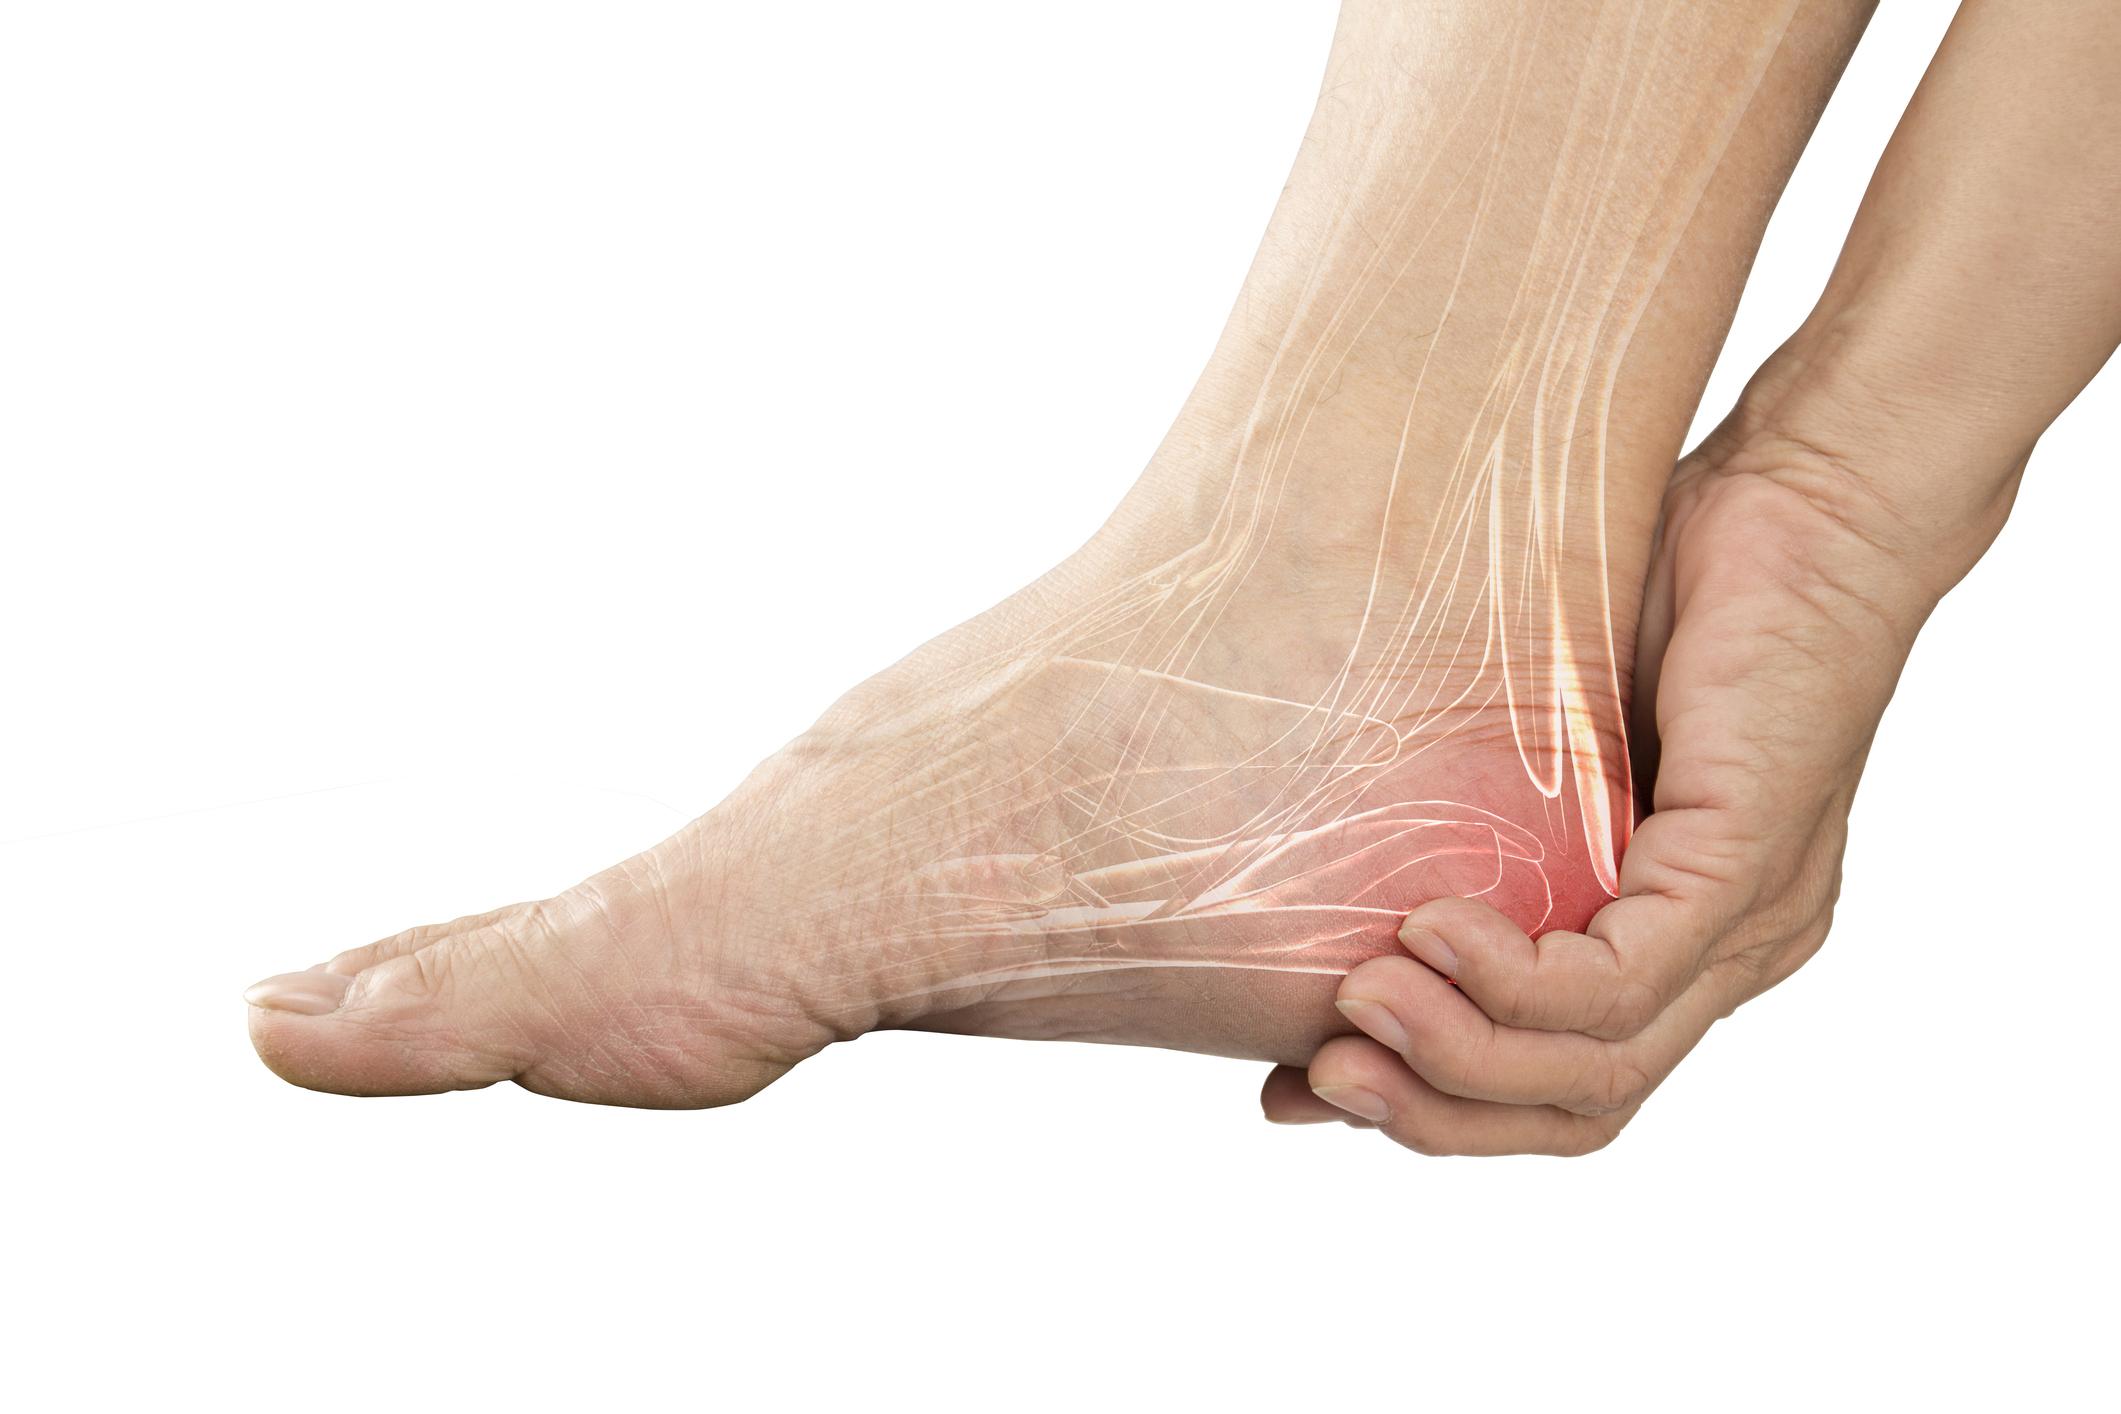 Lábujj falának ízületi betegsége. Az ízületi fájdalom tünetei, okai és kezelései